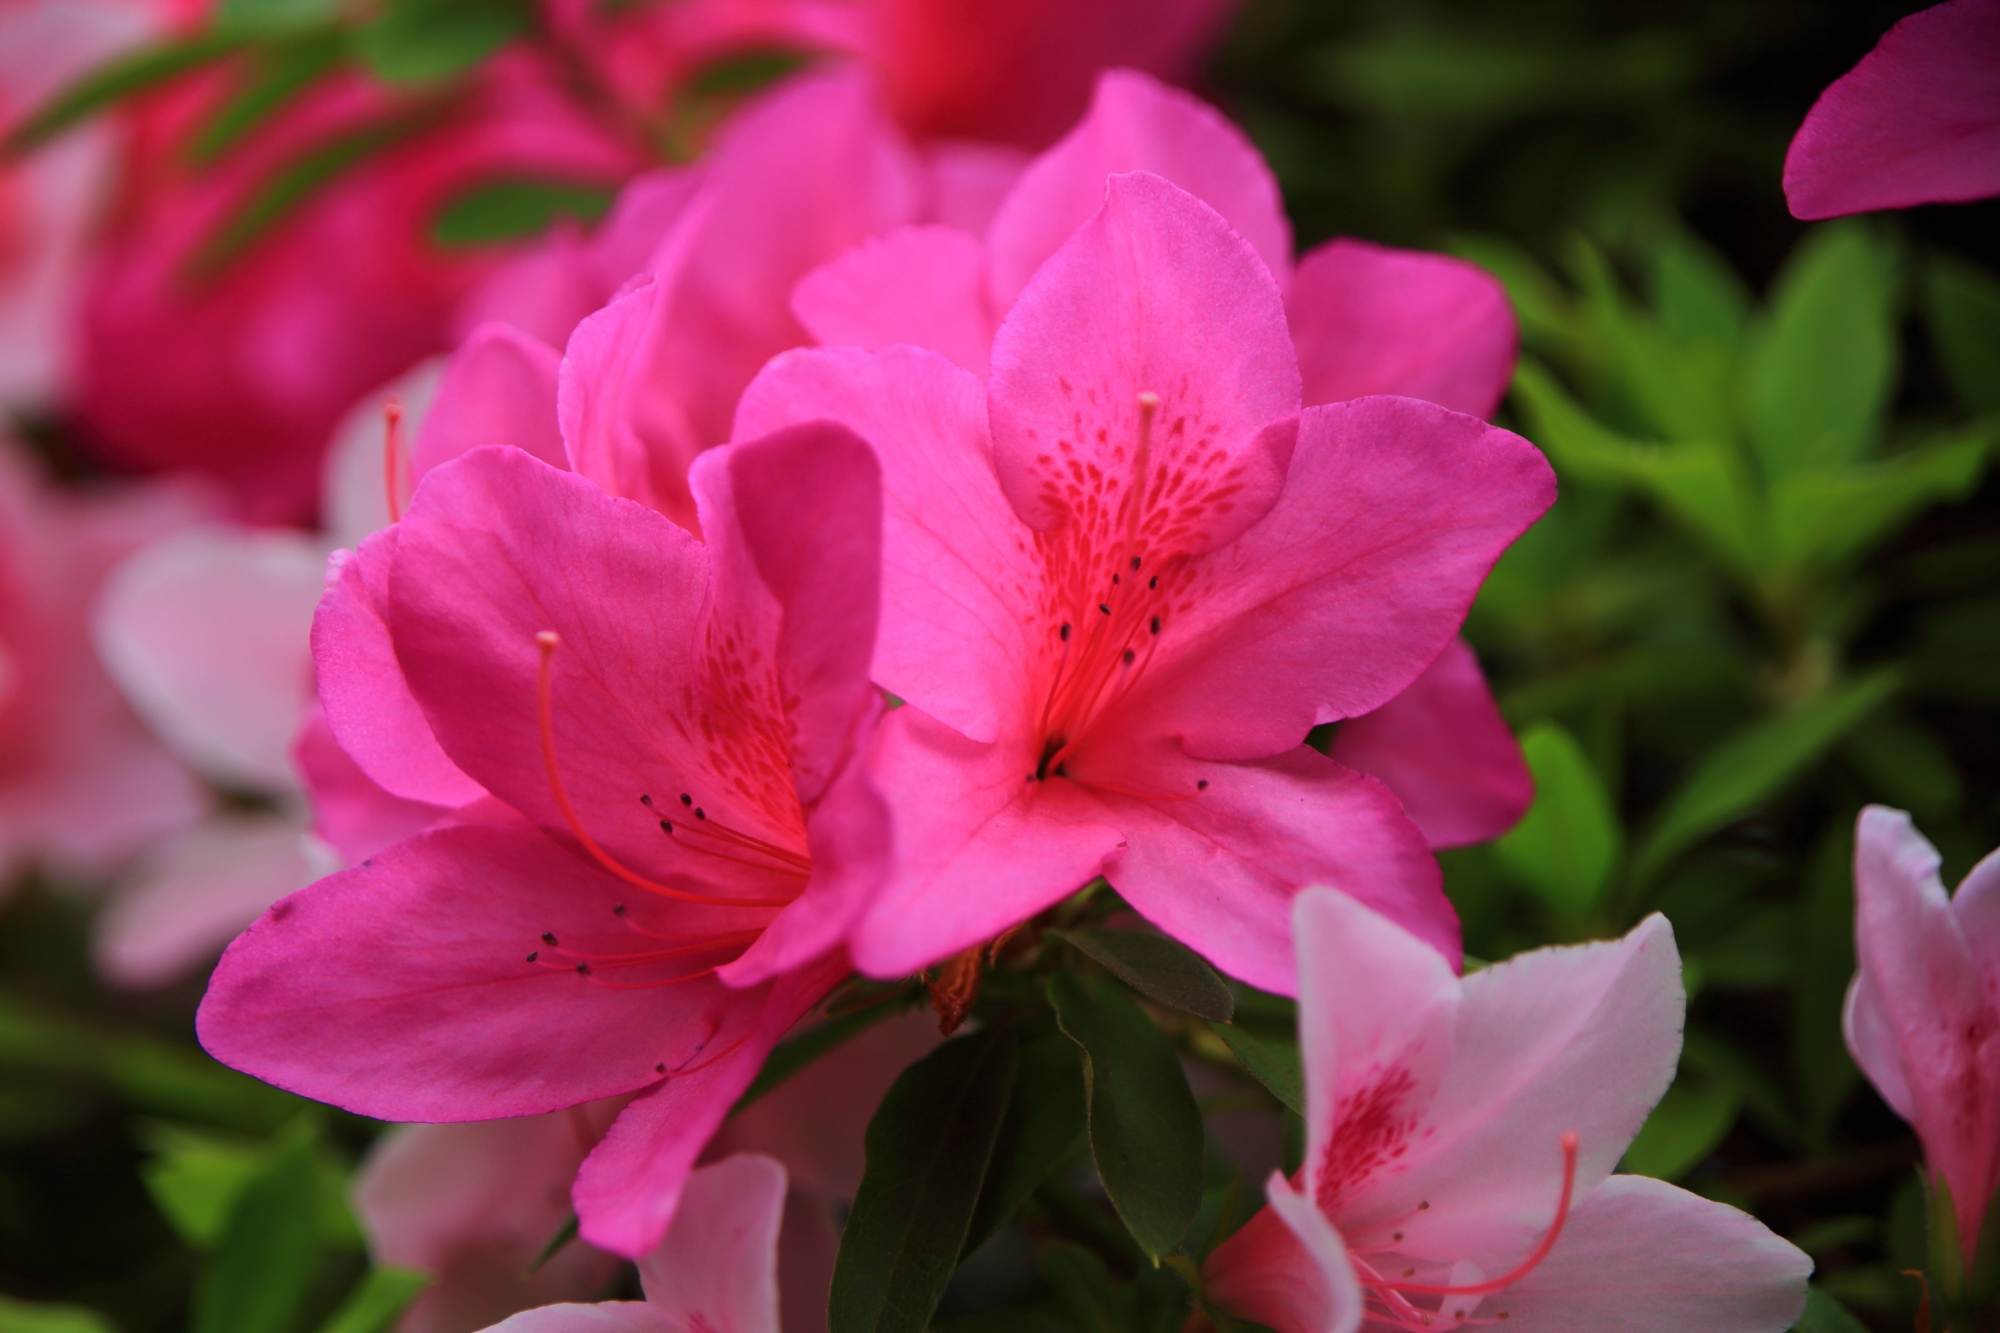 優雅に咲く満開のツツジの花